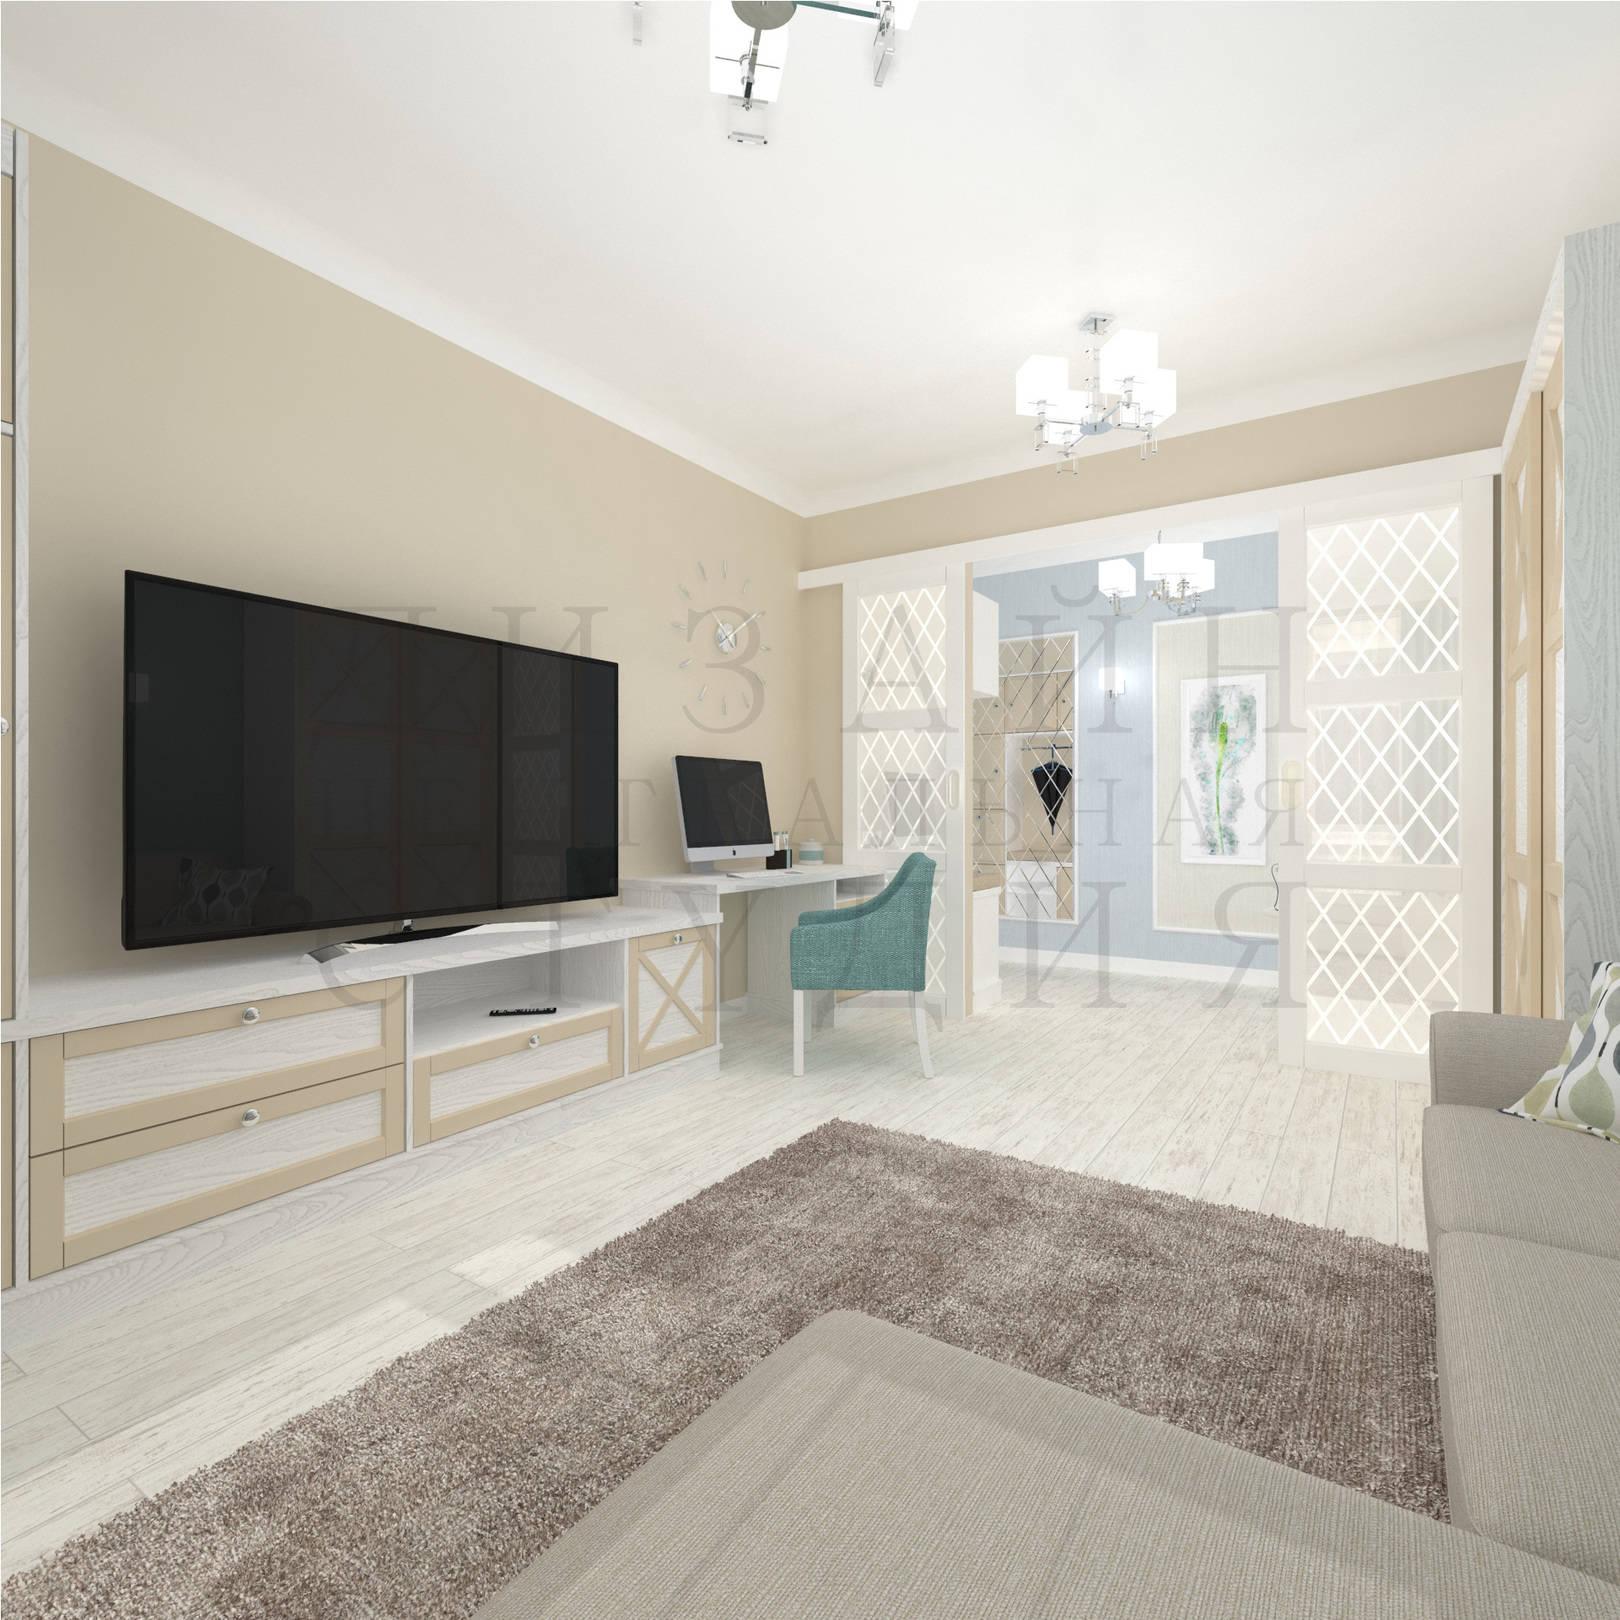 Дизайн интерьера современной гостиной комнаты с элементами классики в бежевых тонах centraldesignstudio.ru